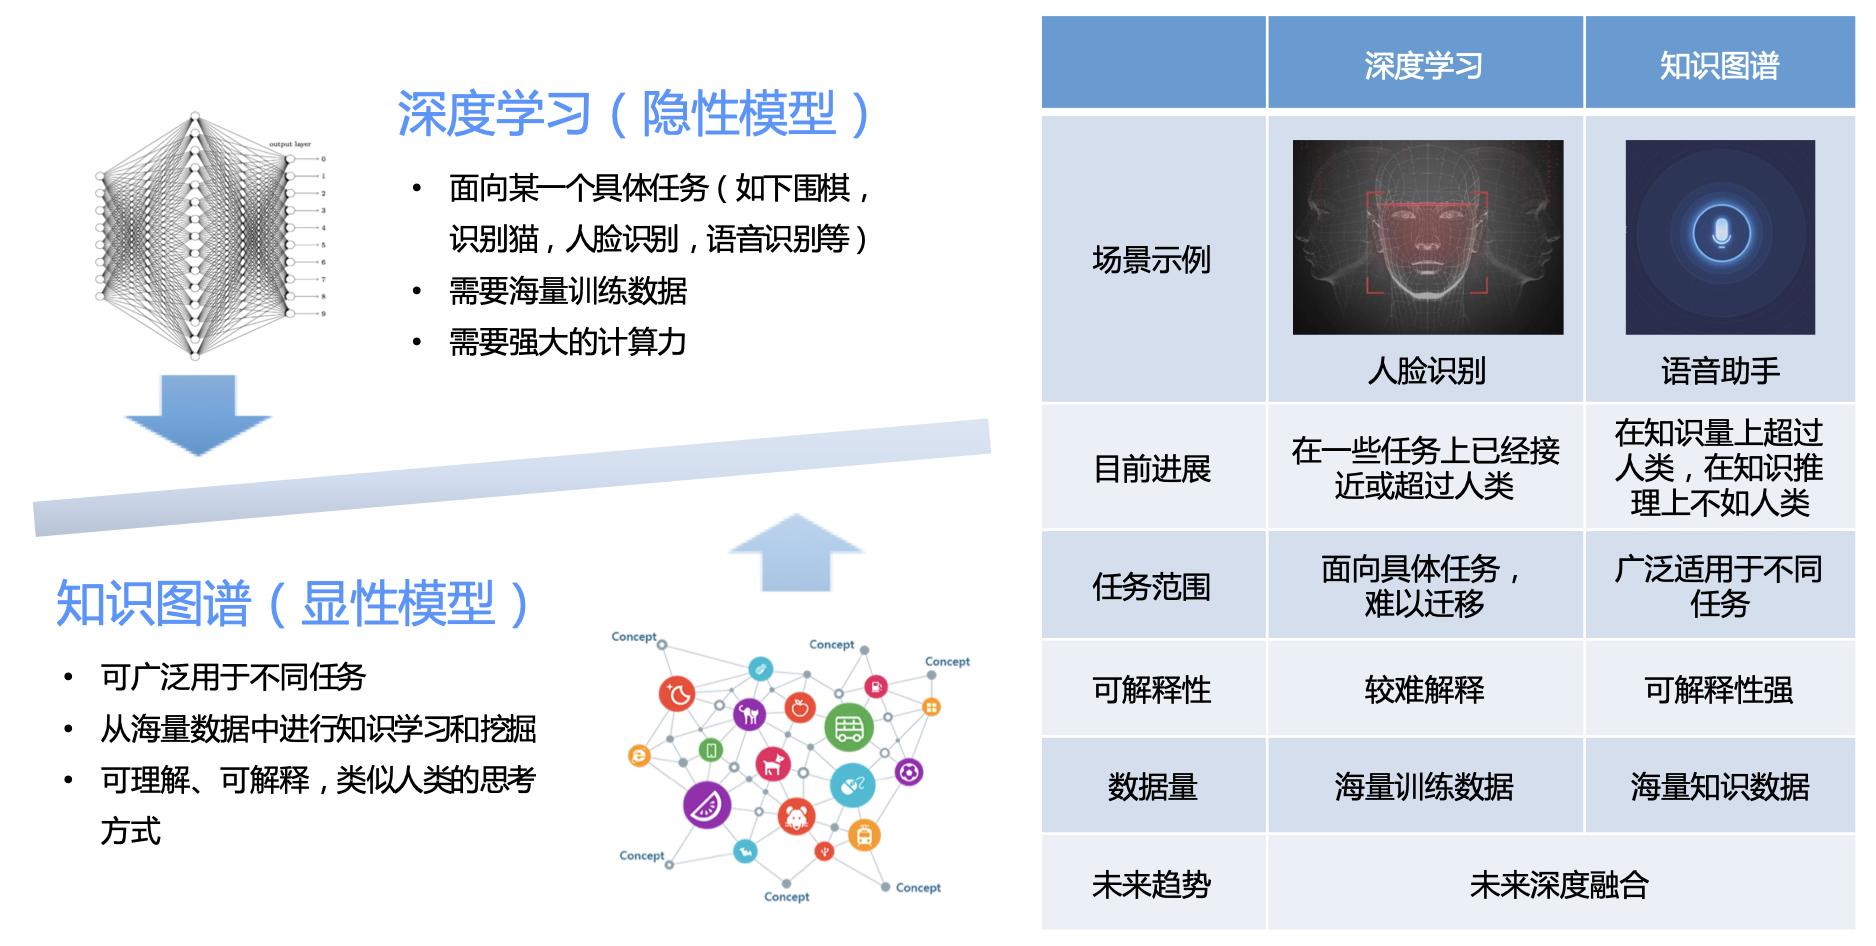 图1 人工智能两大驱动力